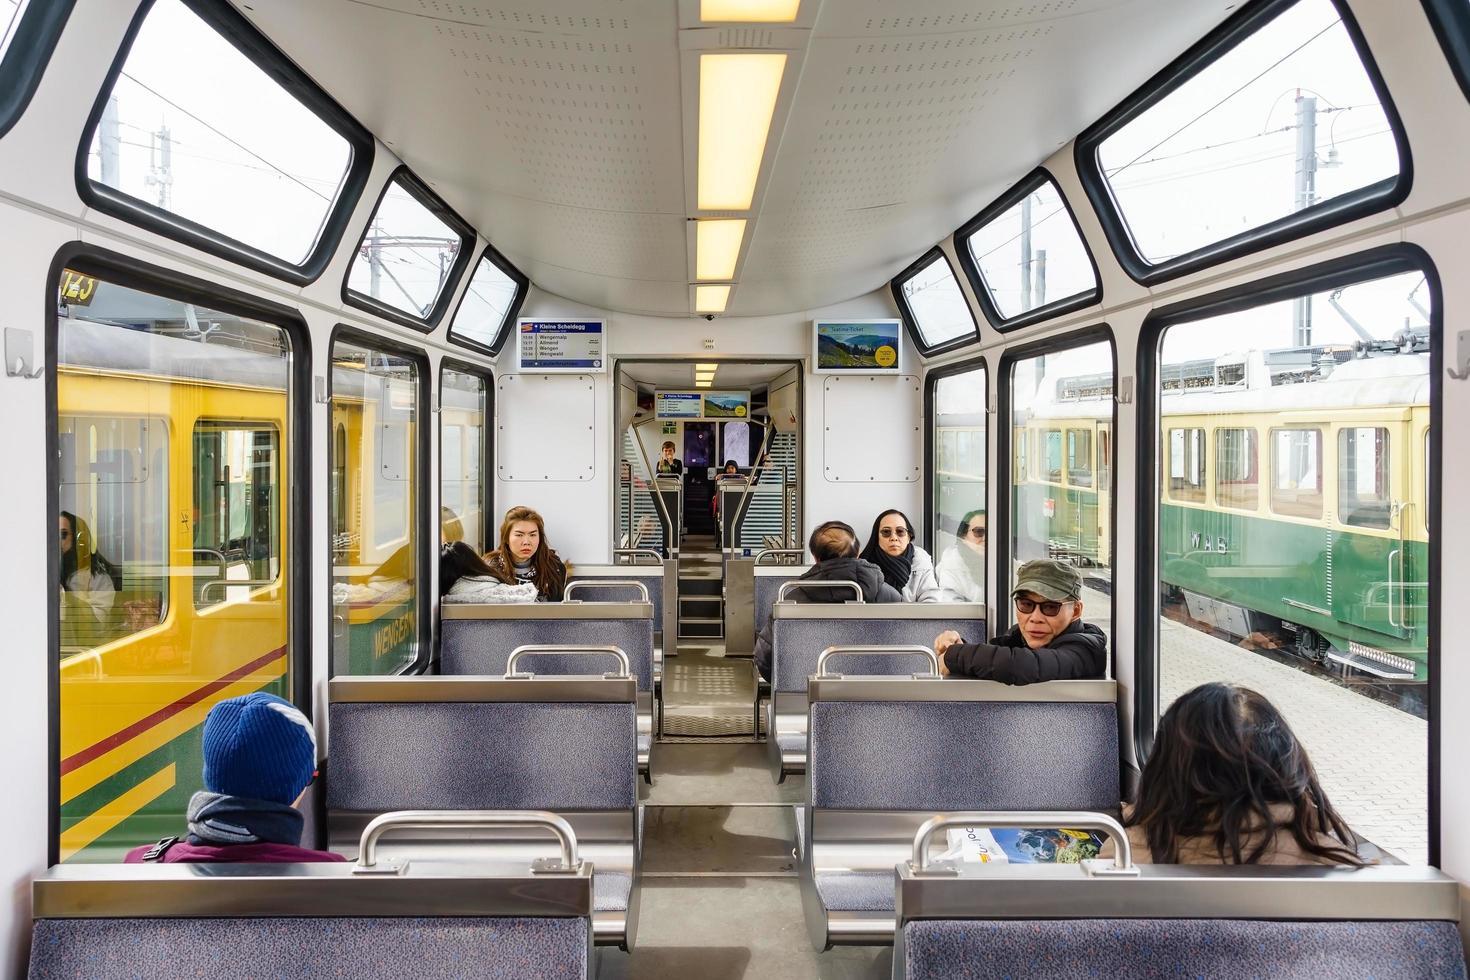 Train in Interlaken, Switzerland, 2018 photo